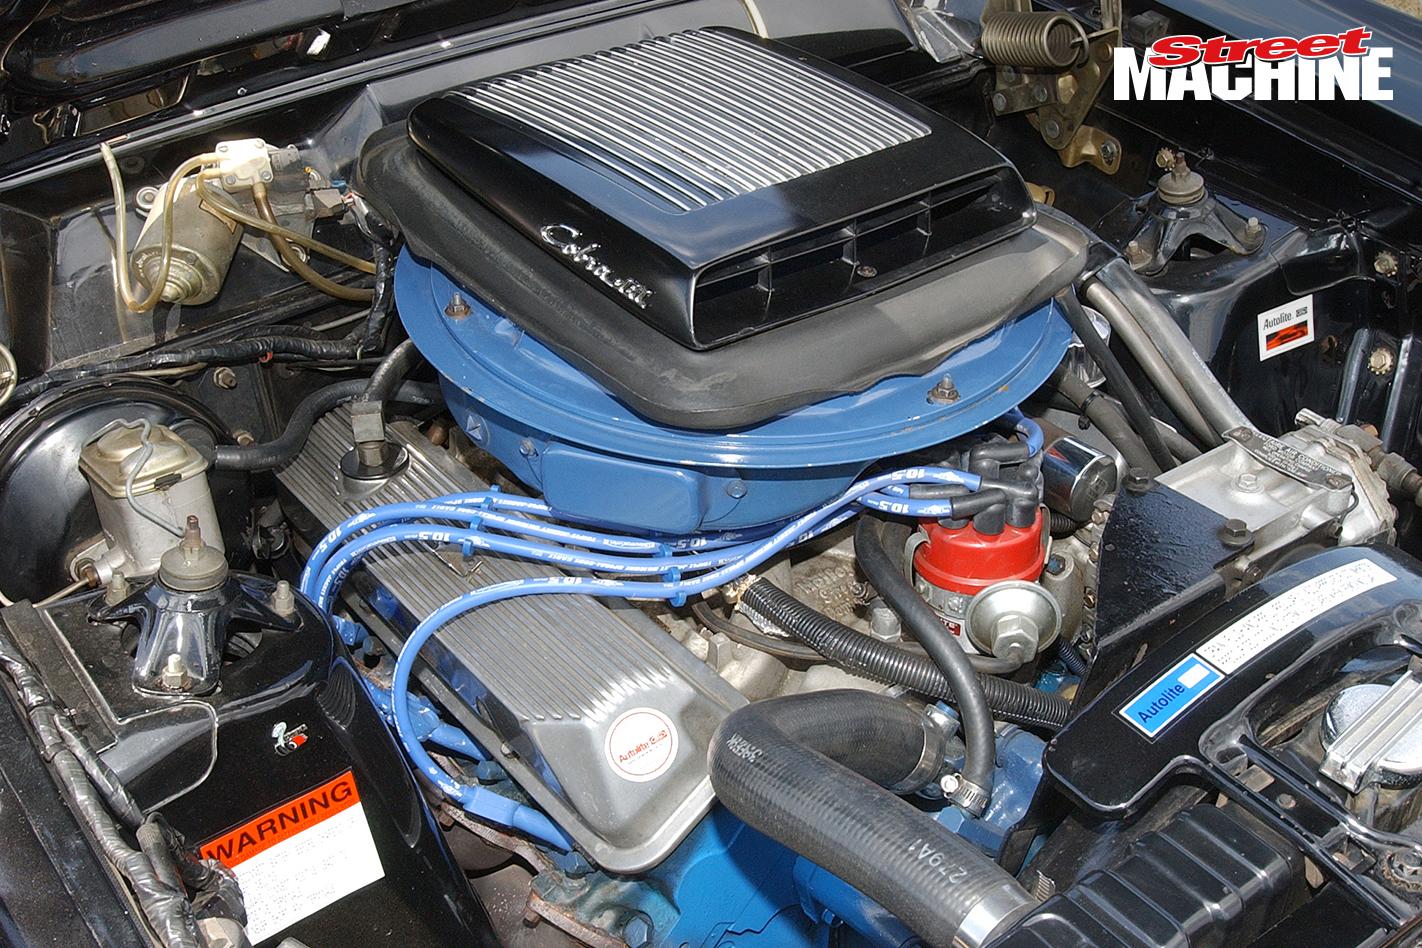 Ford XW Falcon 428 Cobra Jet Engine